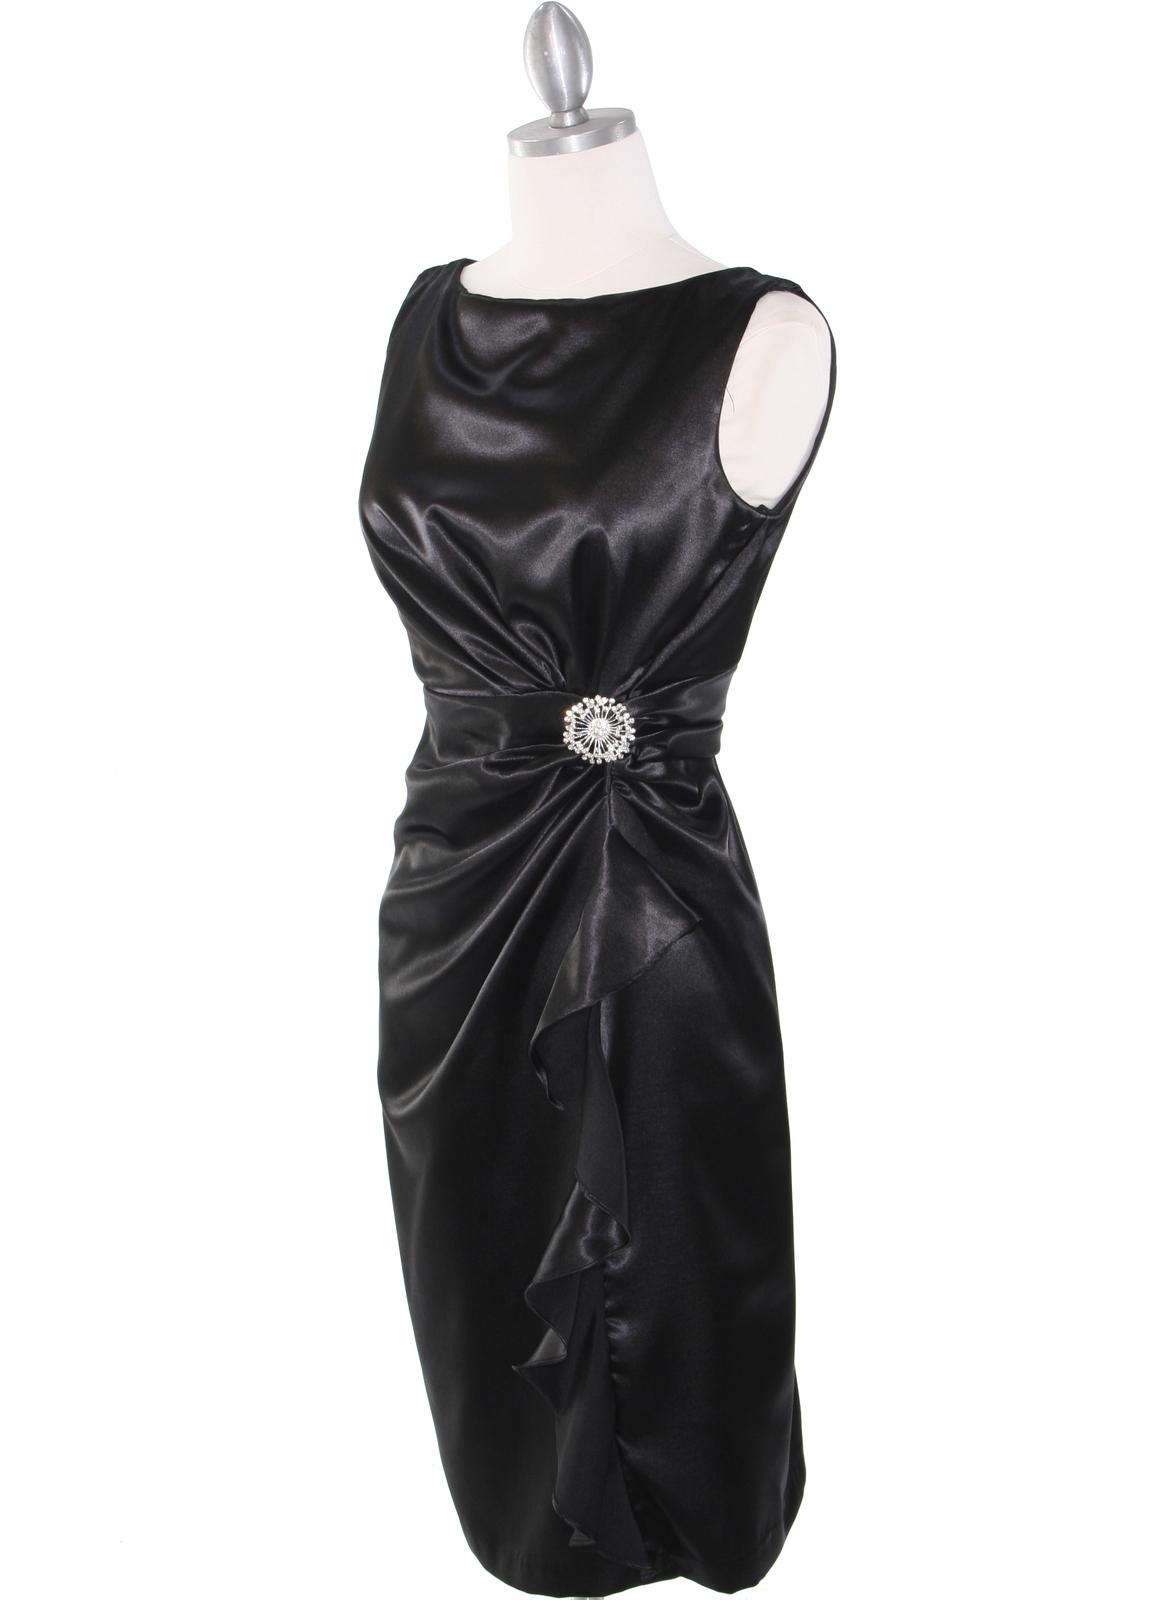 Vintage Satin Cocktail Dress Sung Boutique L A